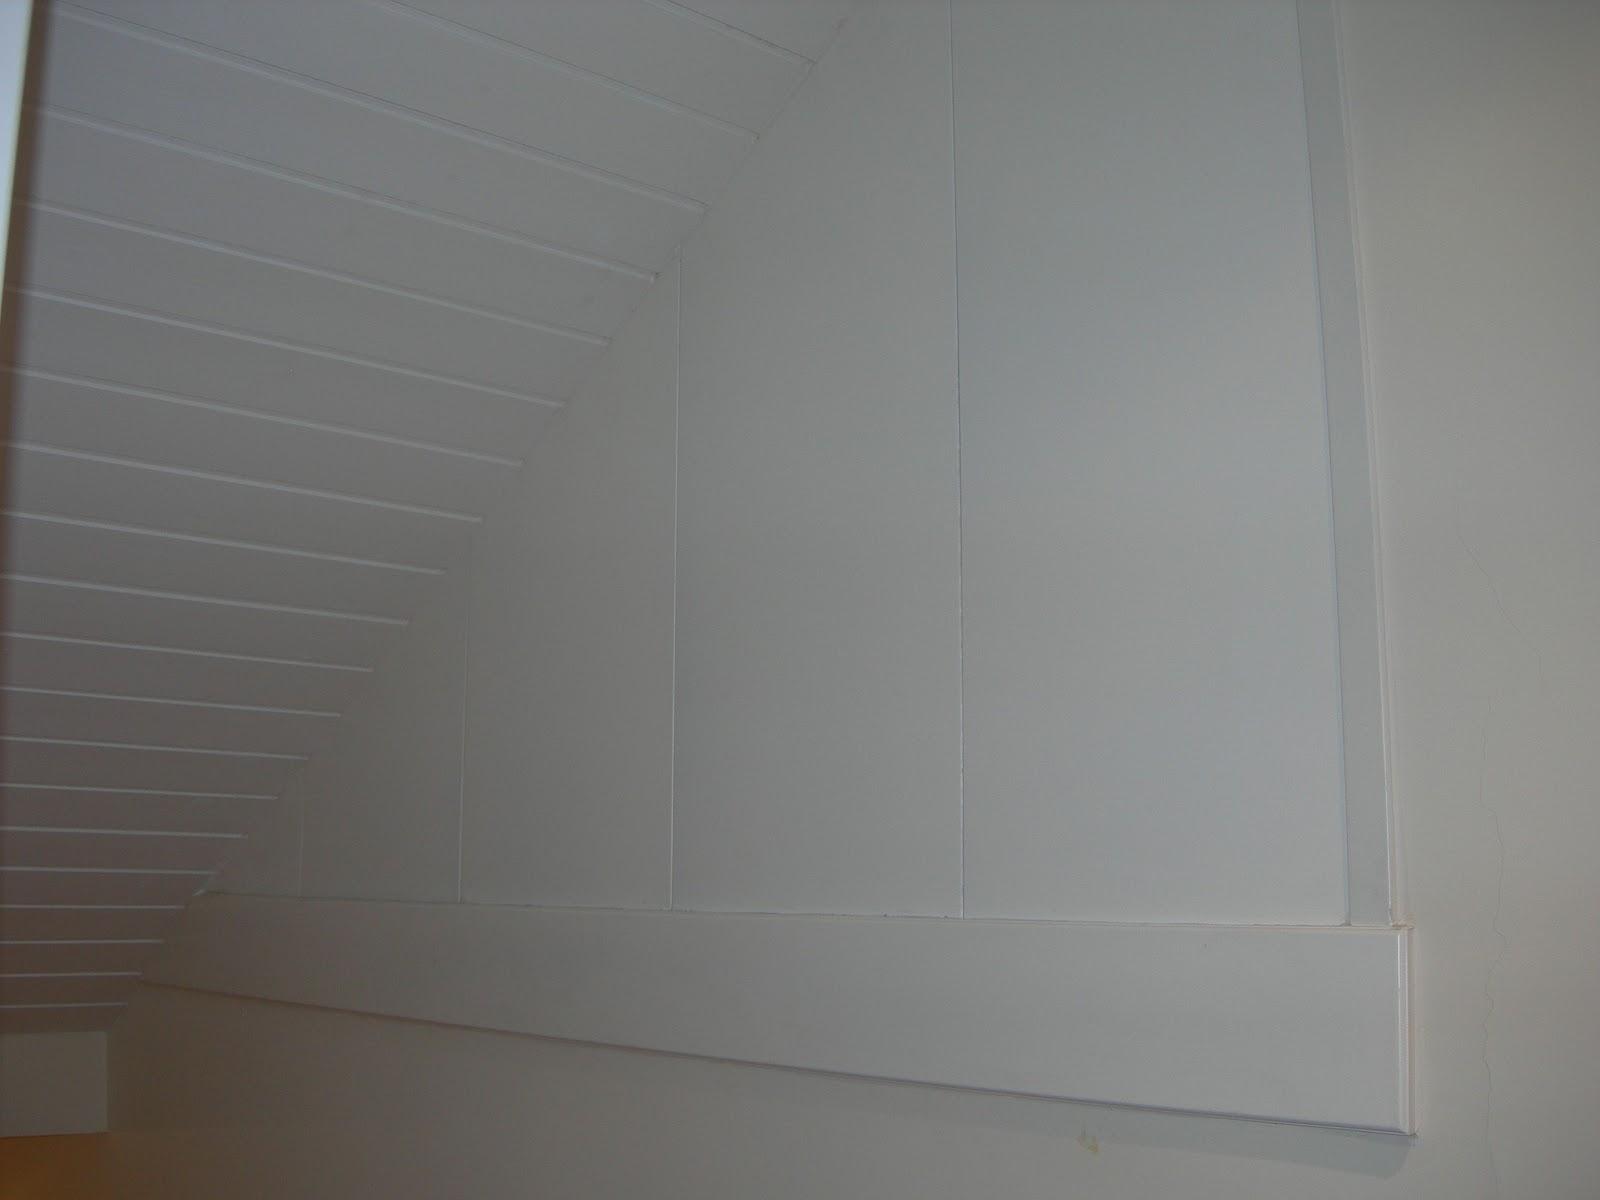 Forrados de madera en techos y paredes carpinter a y - Techos de madera blanco ...